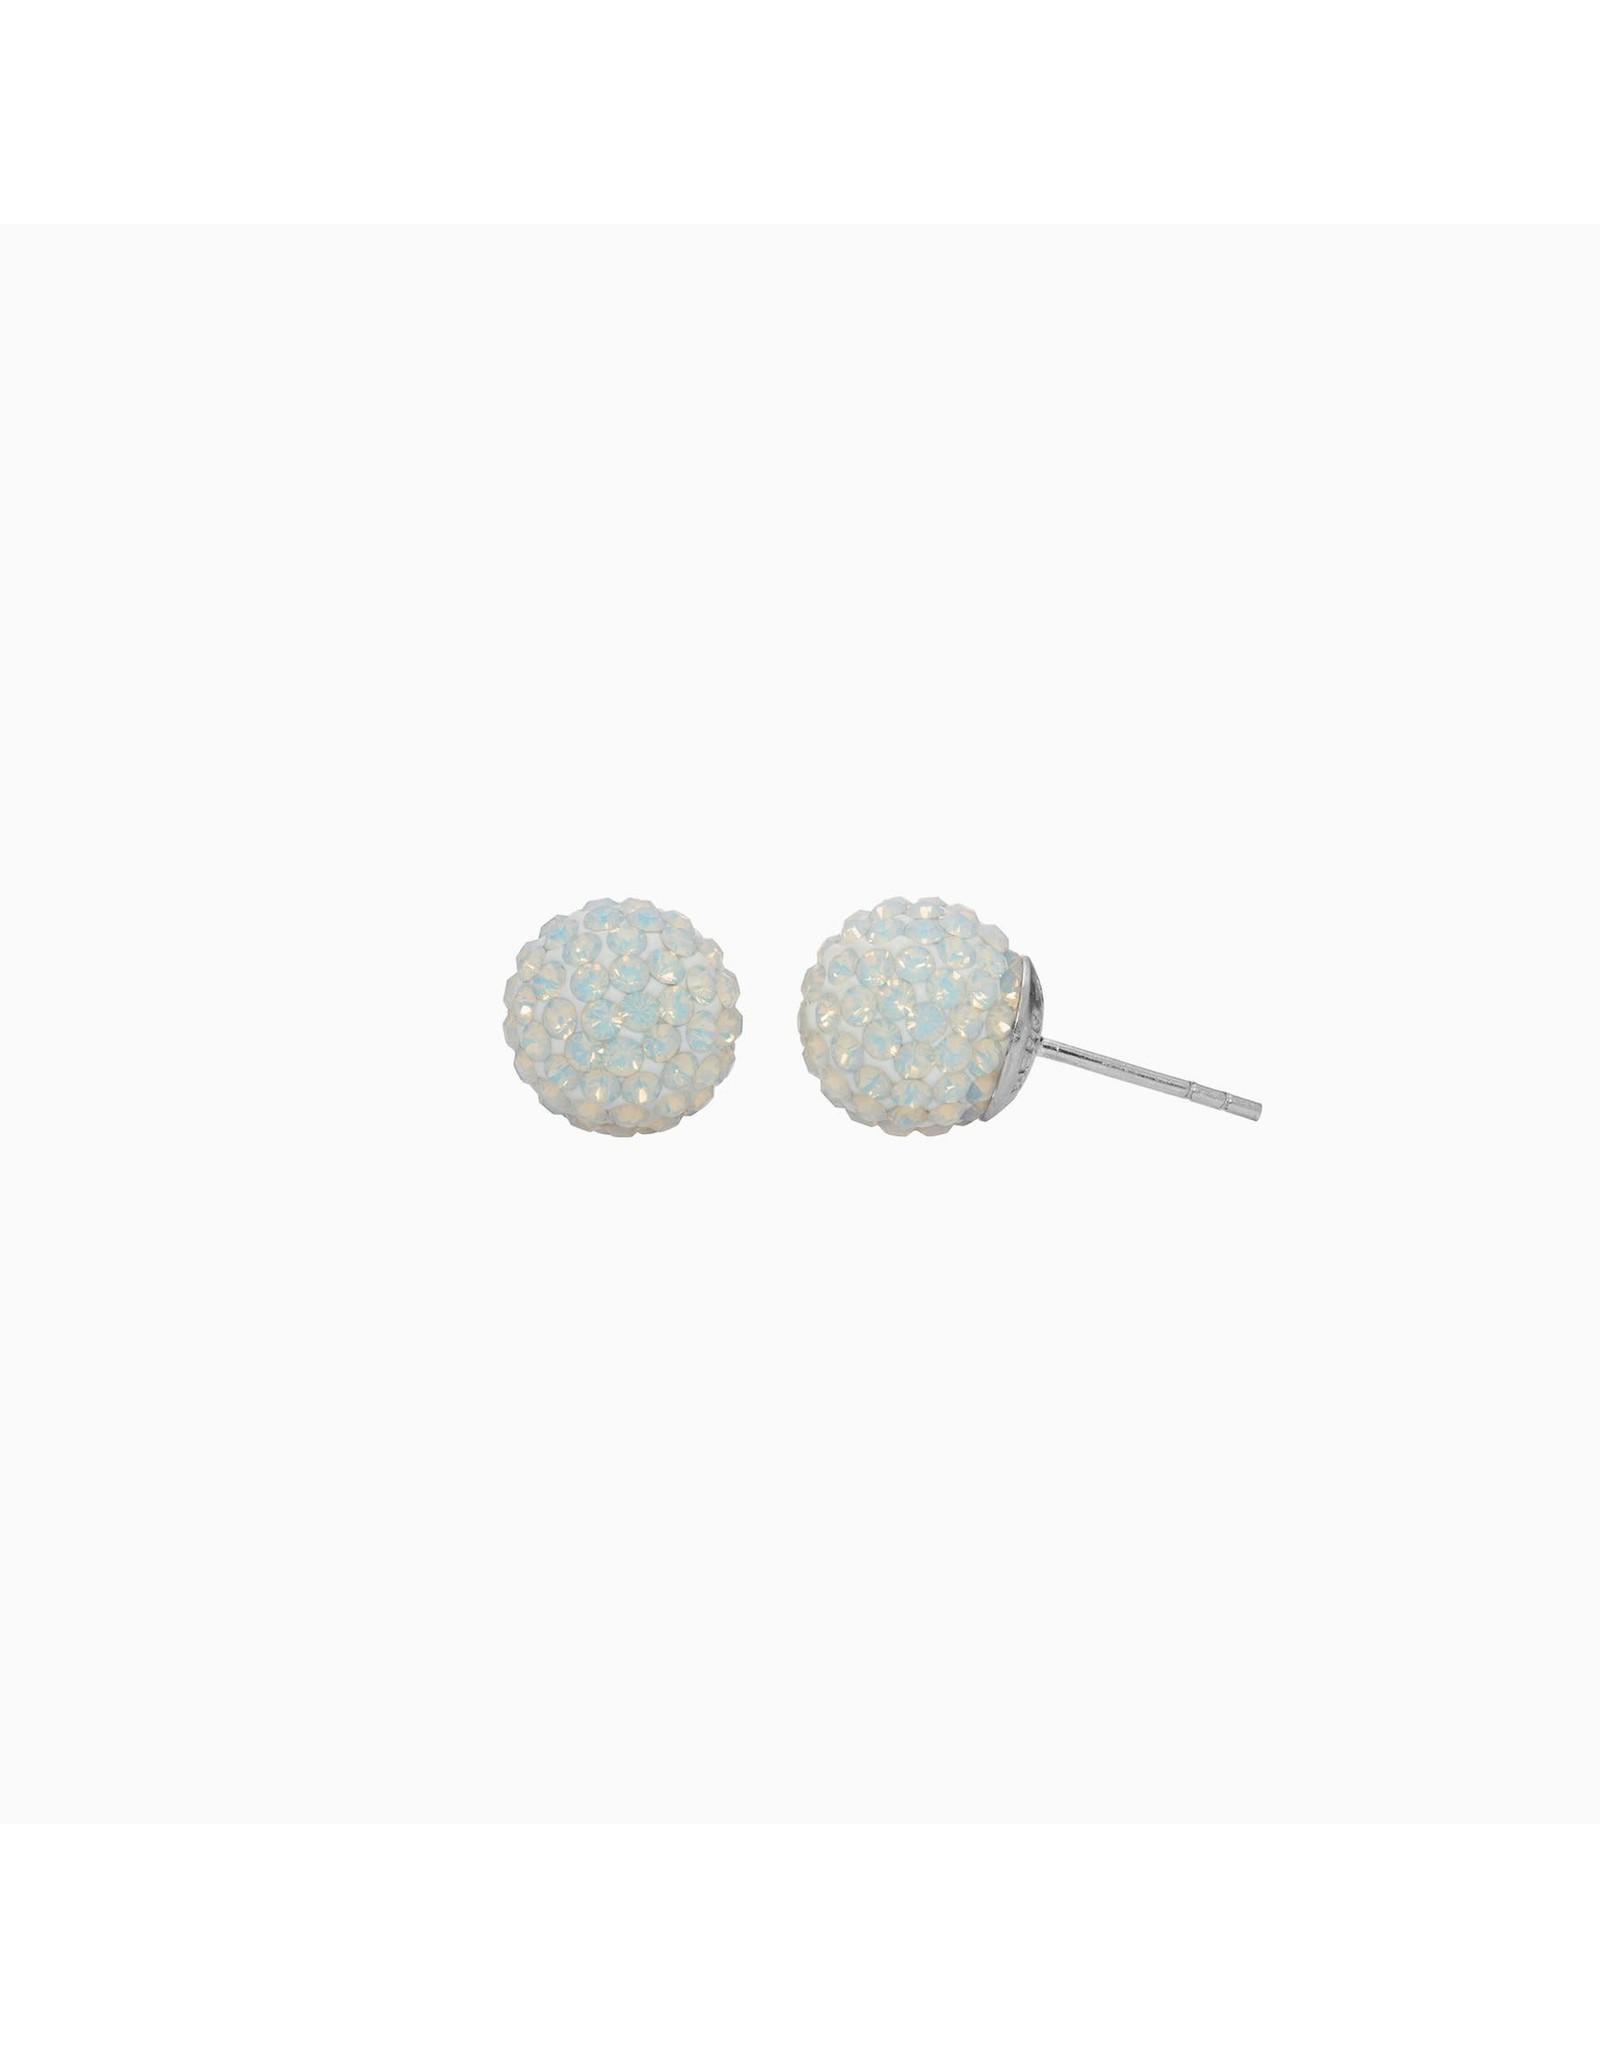 Hillberg & Berk Hillberg & Berk Opal 10mm Sparkleball Studs